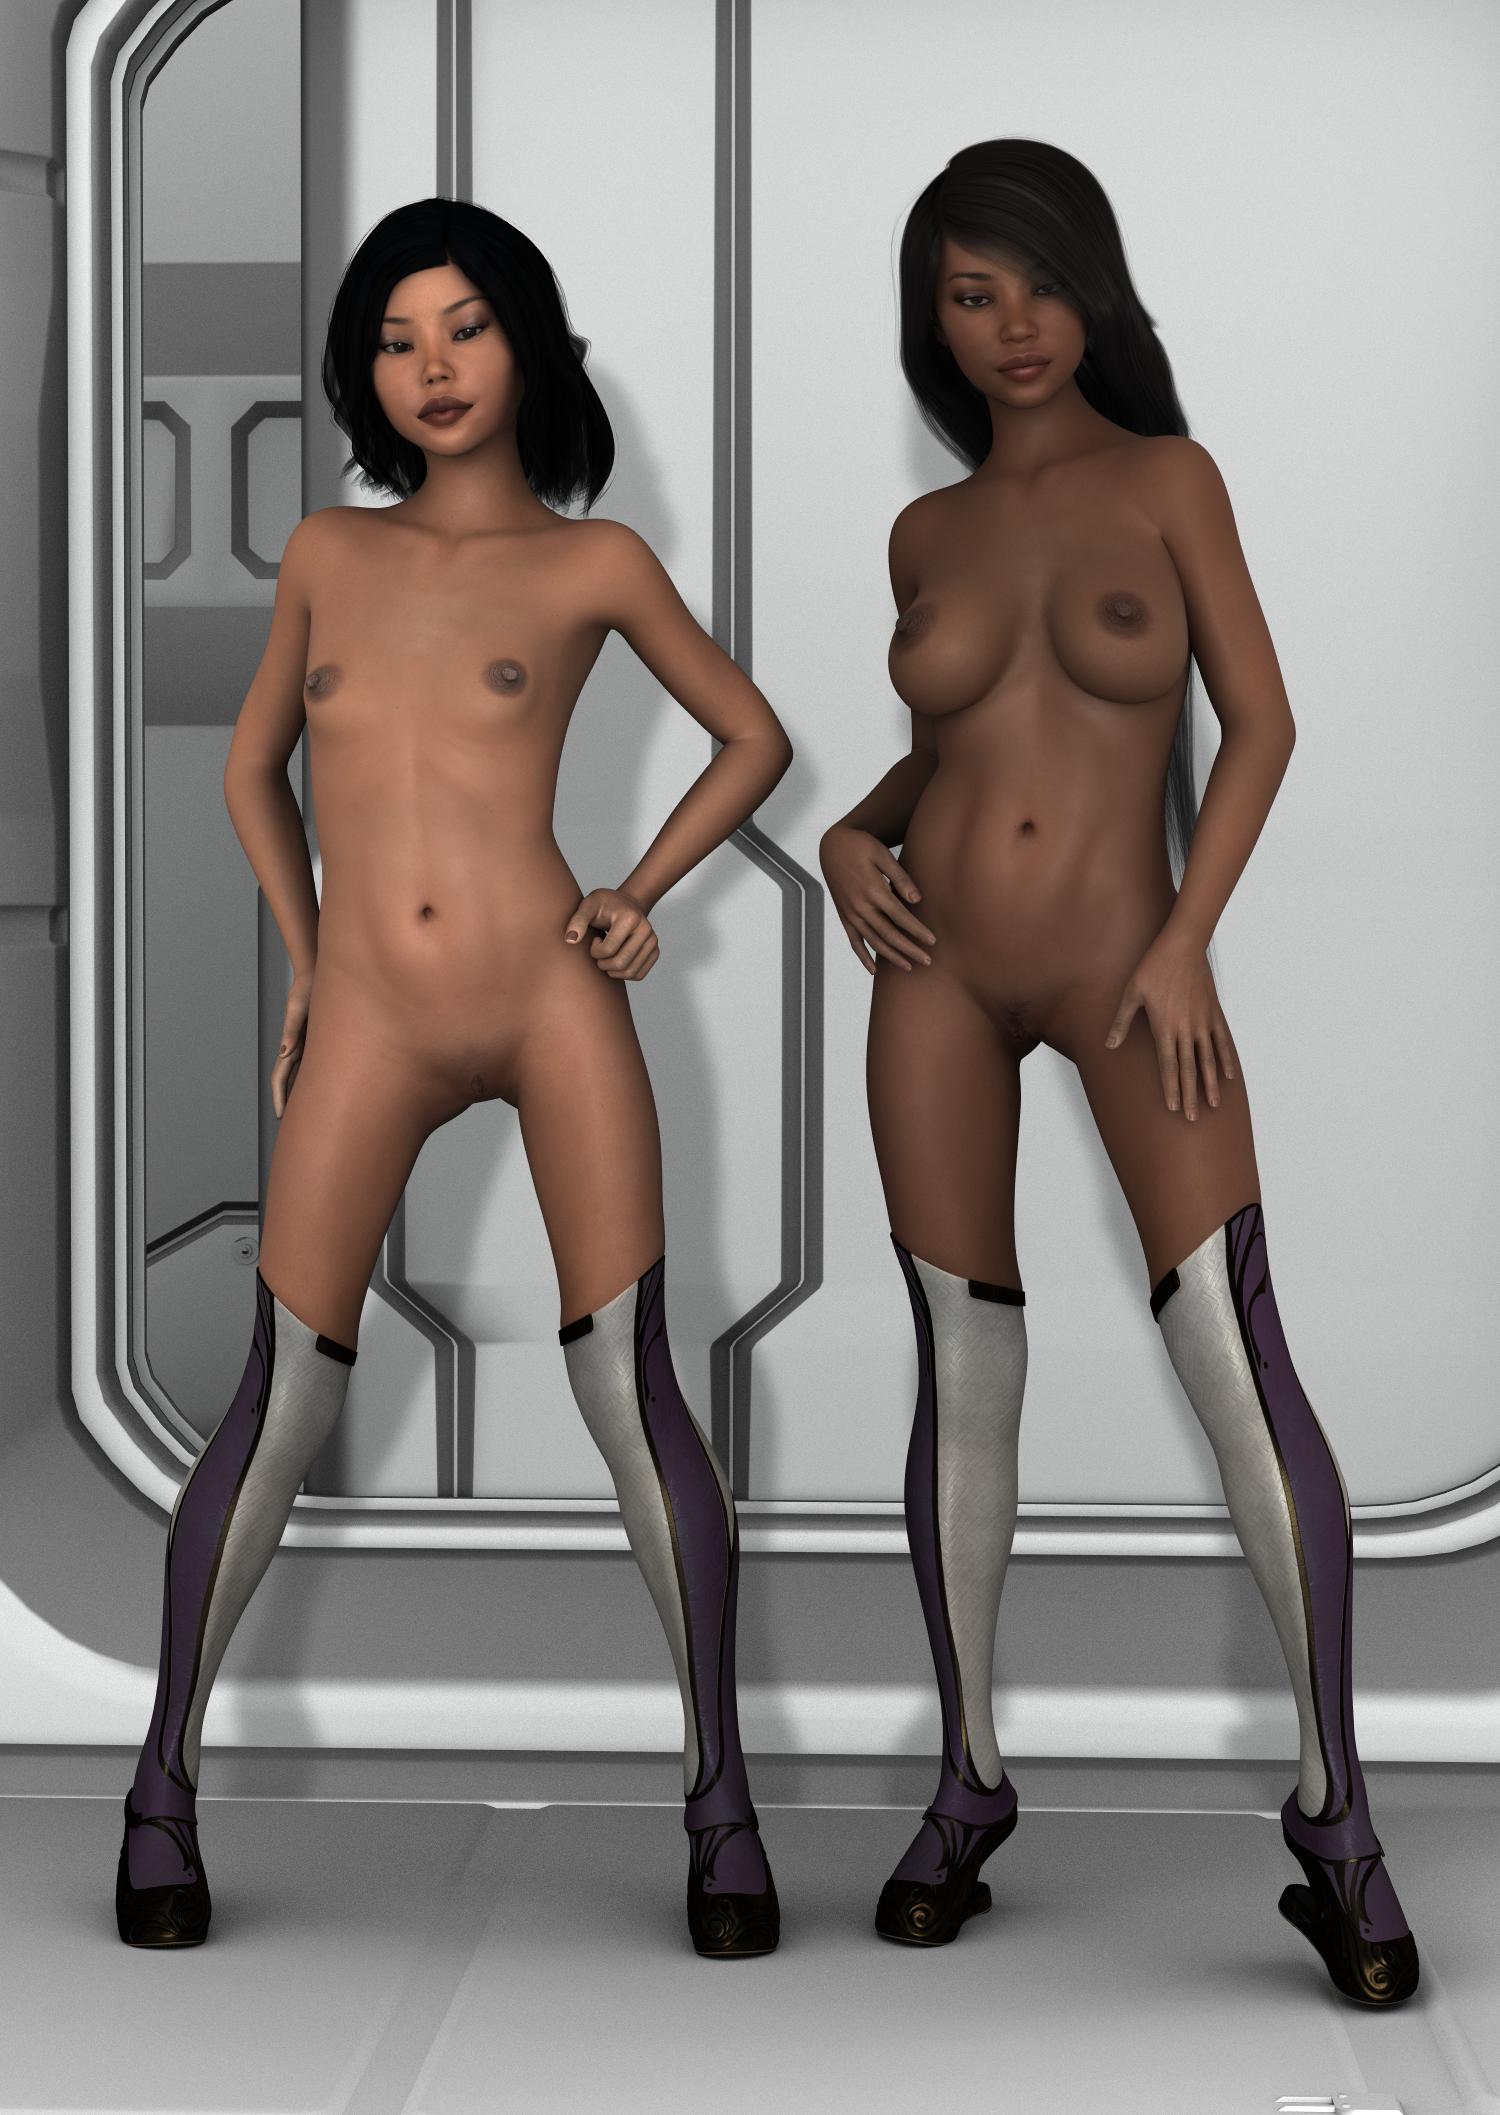 Nude Cgi Woman 34